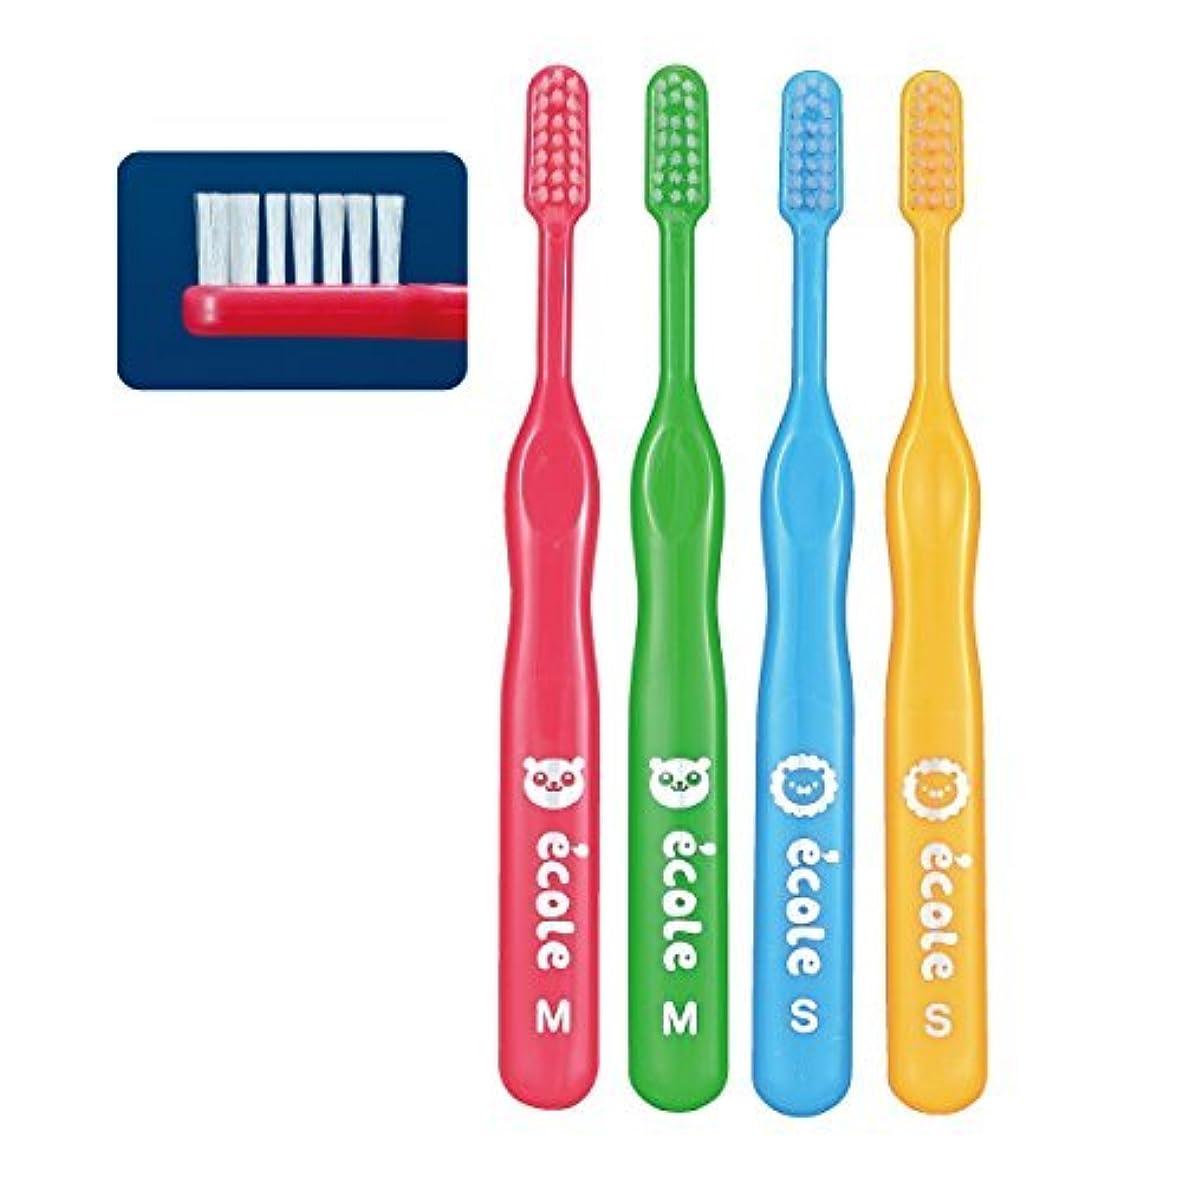 放射性不変素朴なリセラ エコル 幼児~小学生用歯ブラシ Mふつう 40本入り